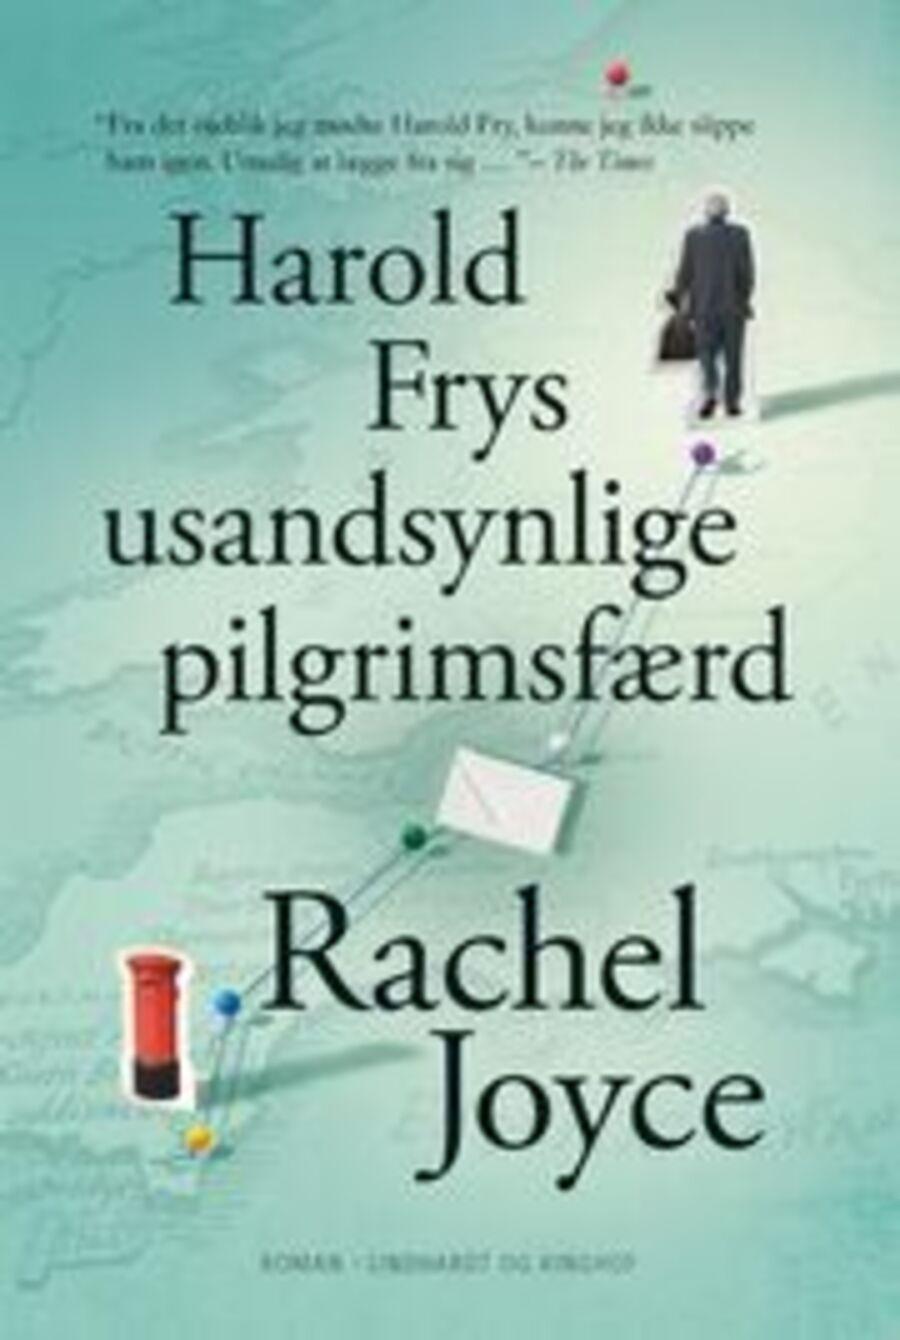 Forside på 'Harold Frys usandsynlige pilgrimsfærd'